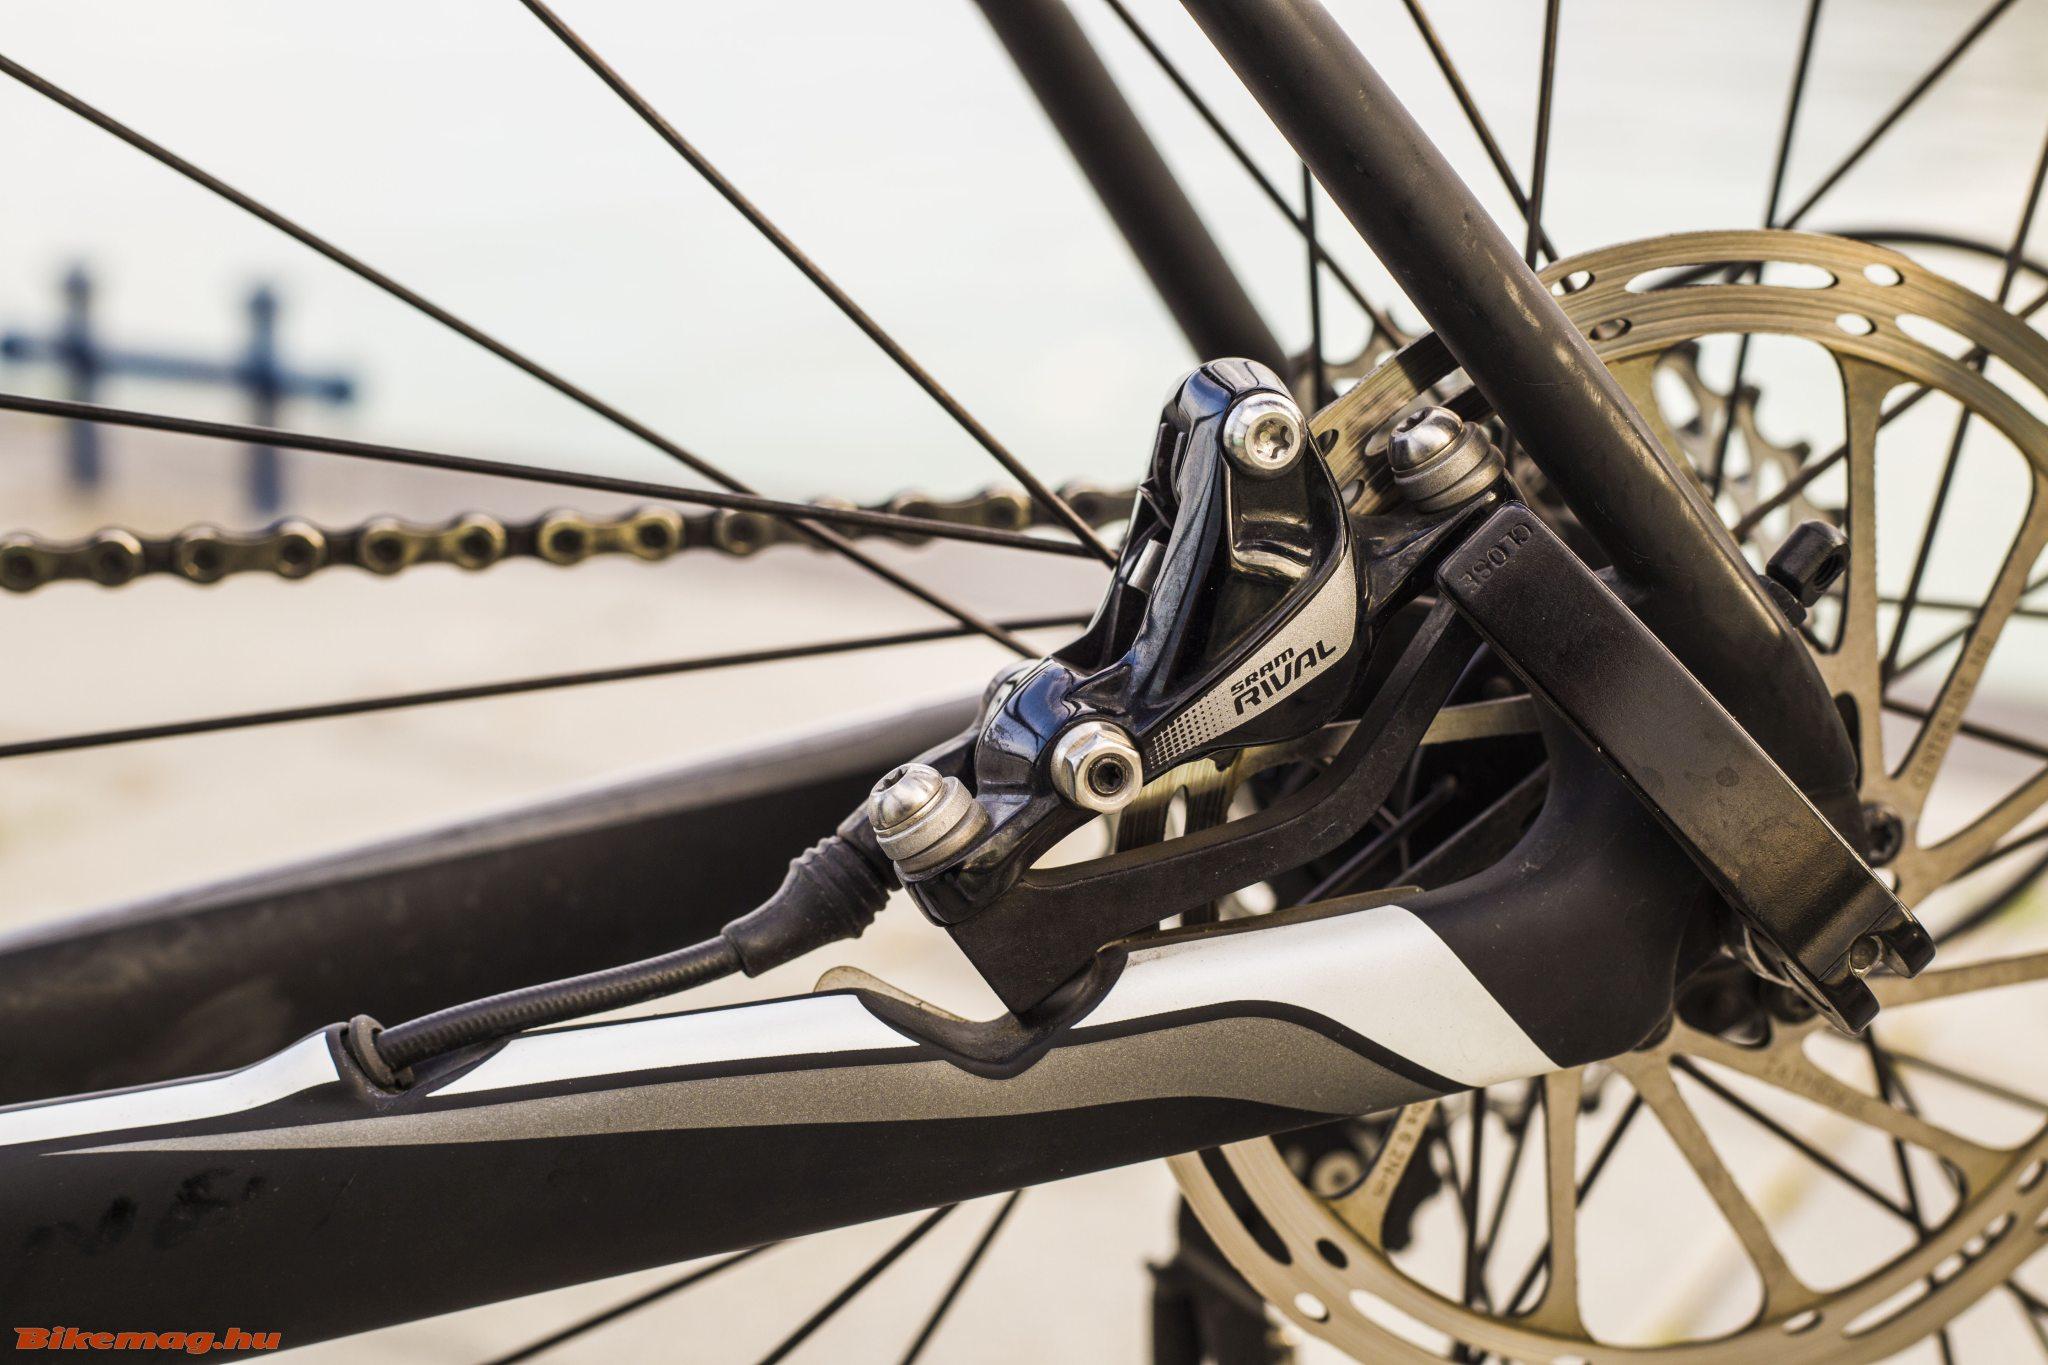 Specialized Roubaix SL4 Elite Disc - post mount Rival fék a láncvillán